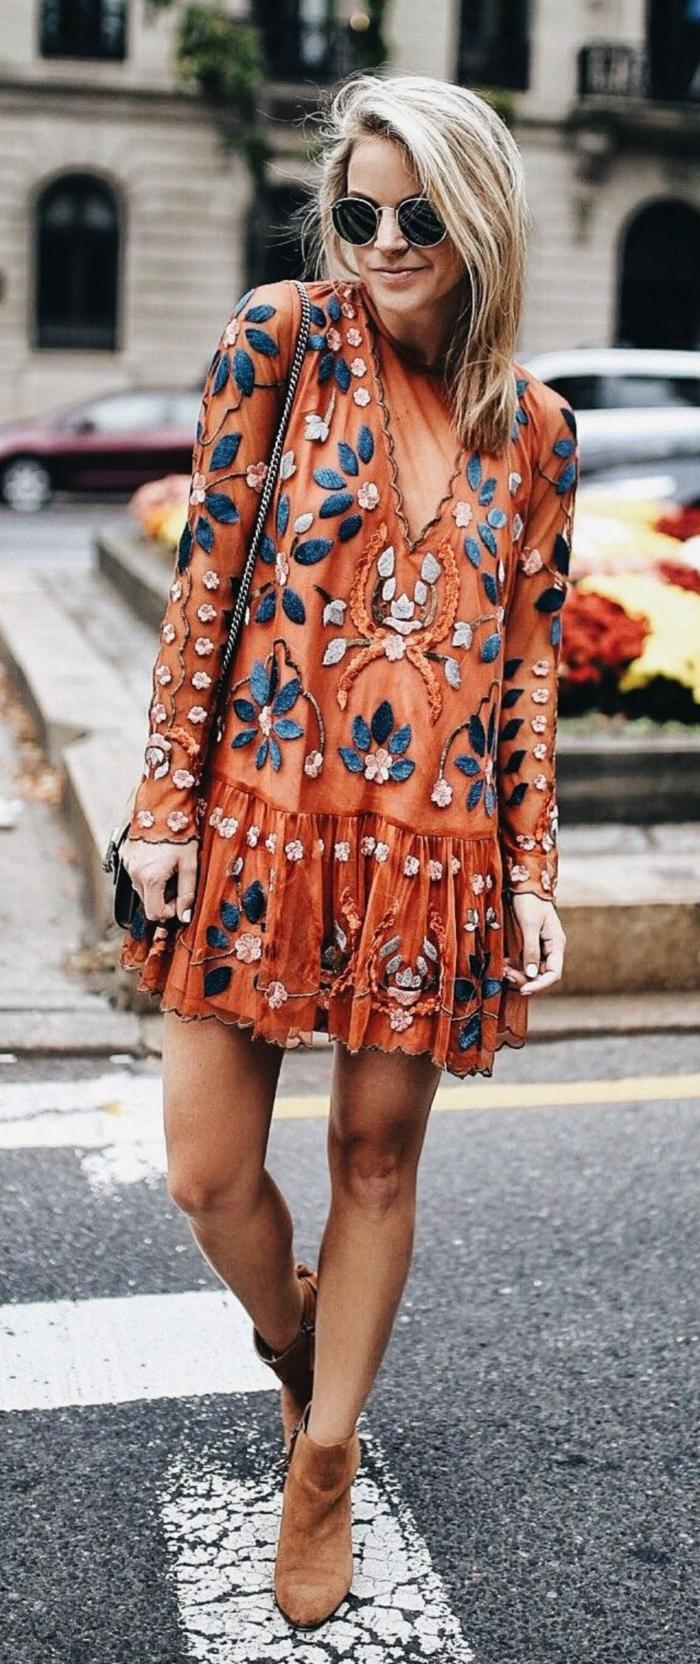 ideas ropa boho chic, vestido corto maxy en color naranja con estampados de grandes flores en azul